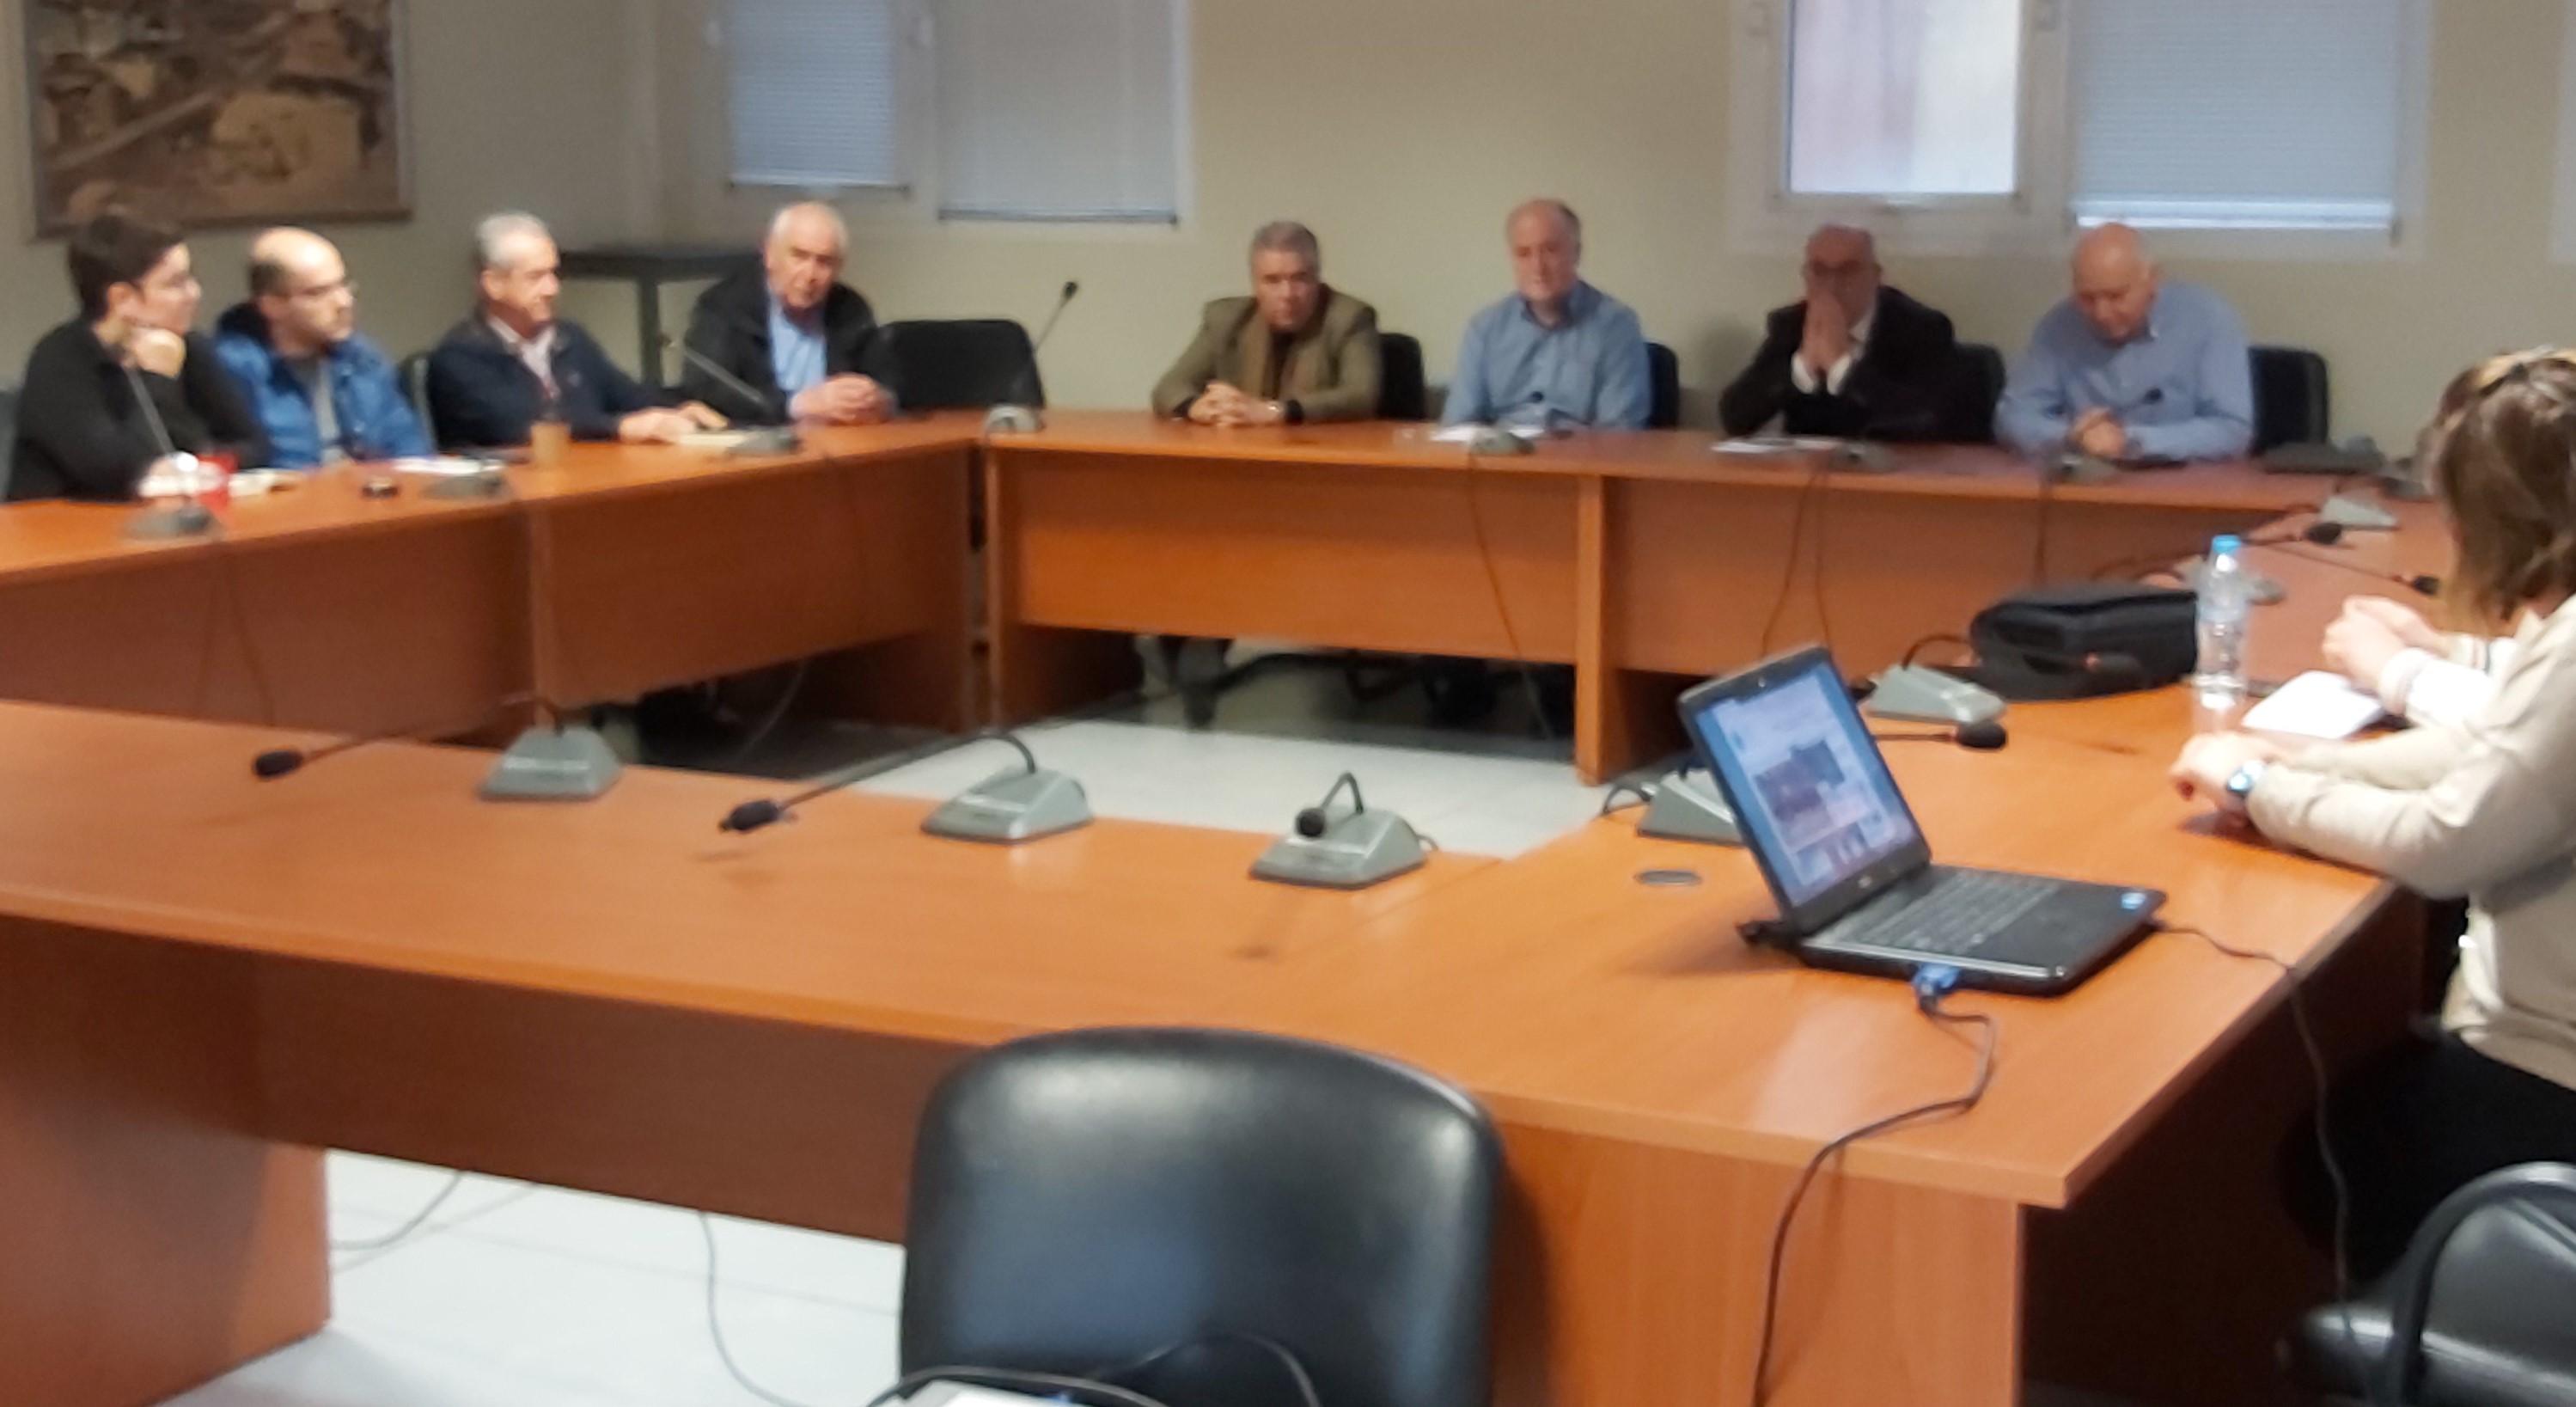 ΠΔΕ: Δημιουργία Οδηγού του Πολίτη και πρόβλεψη ανασχεδιασμού της Δ/νσης Εξυπηρέτησης Πολιτών στην Περιφέρεια Δυτ. Ελλάδας